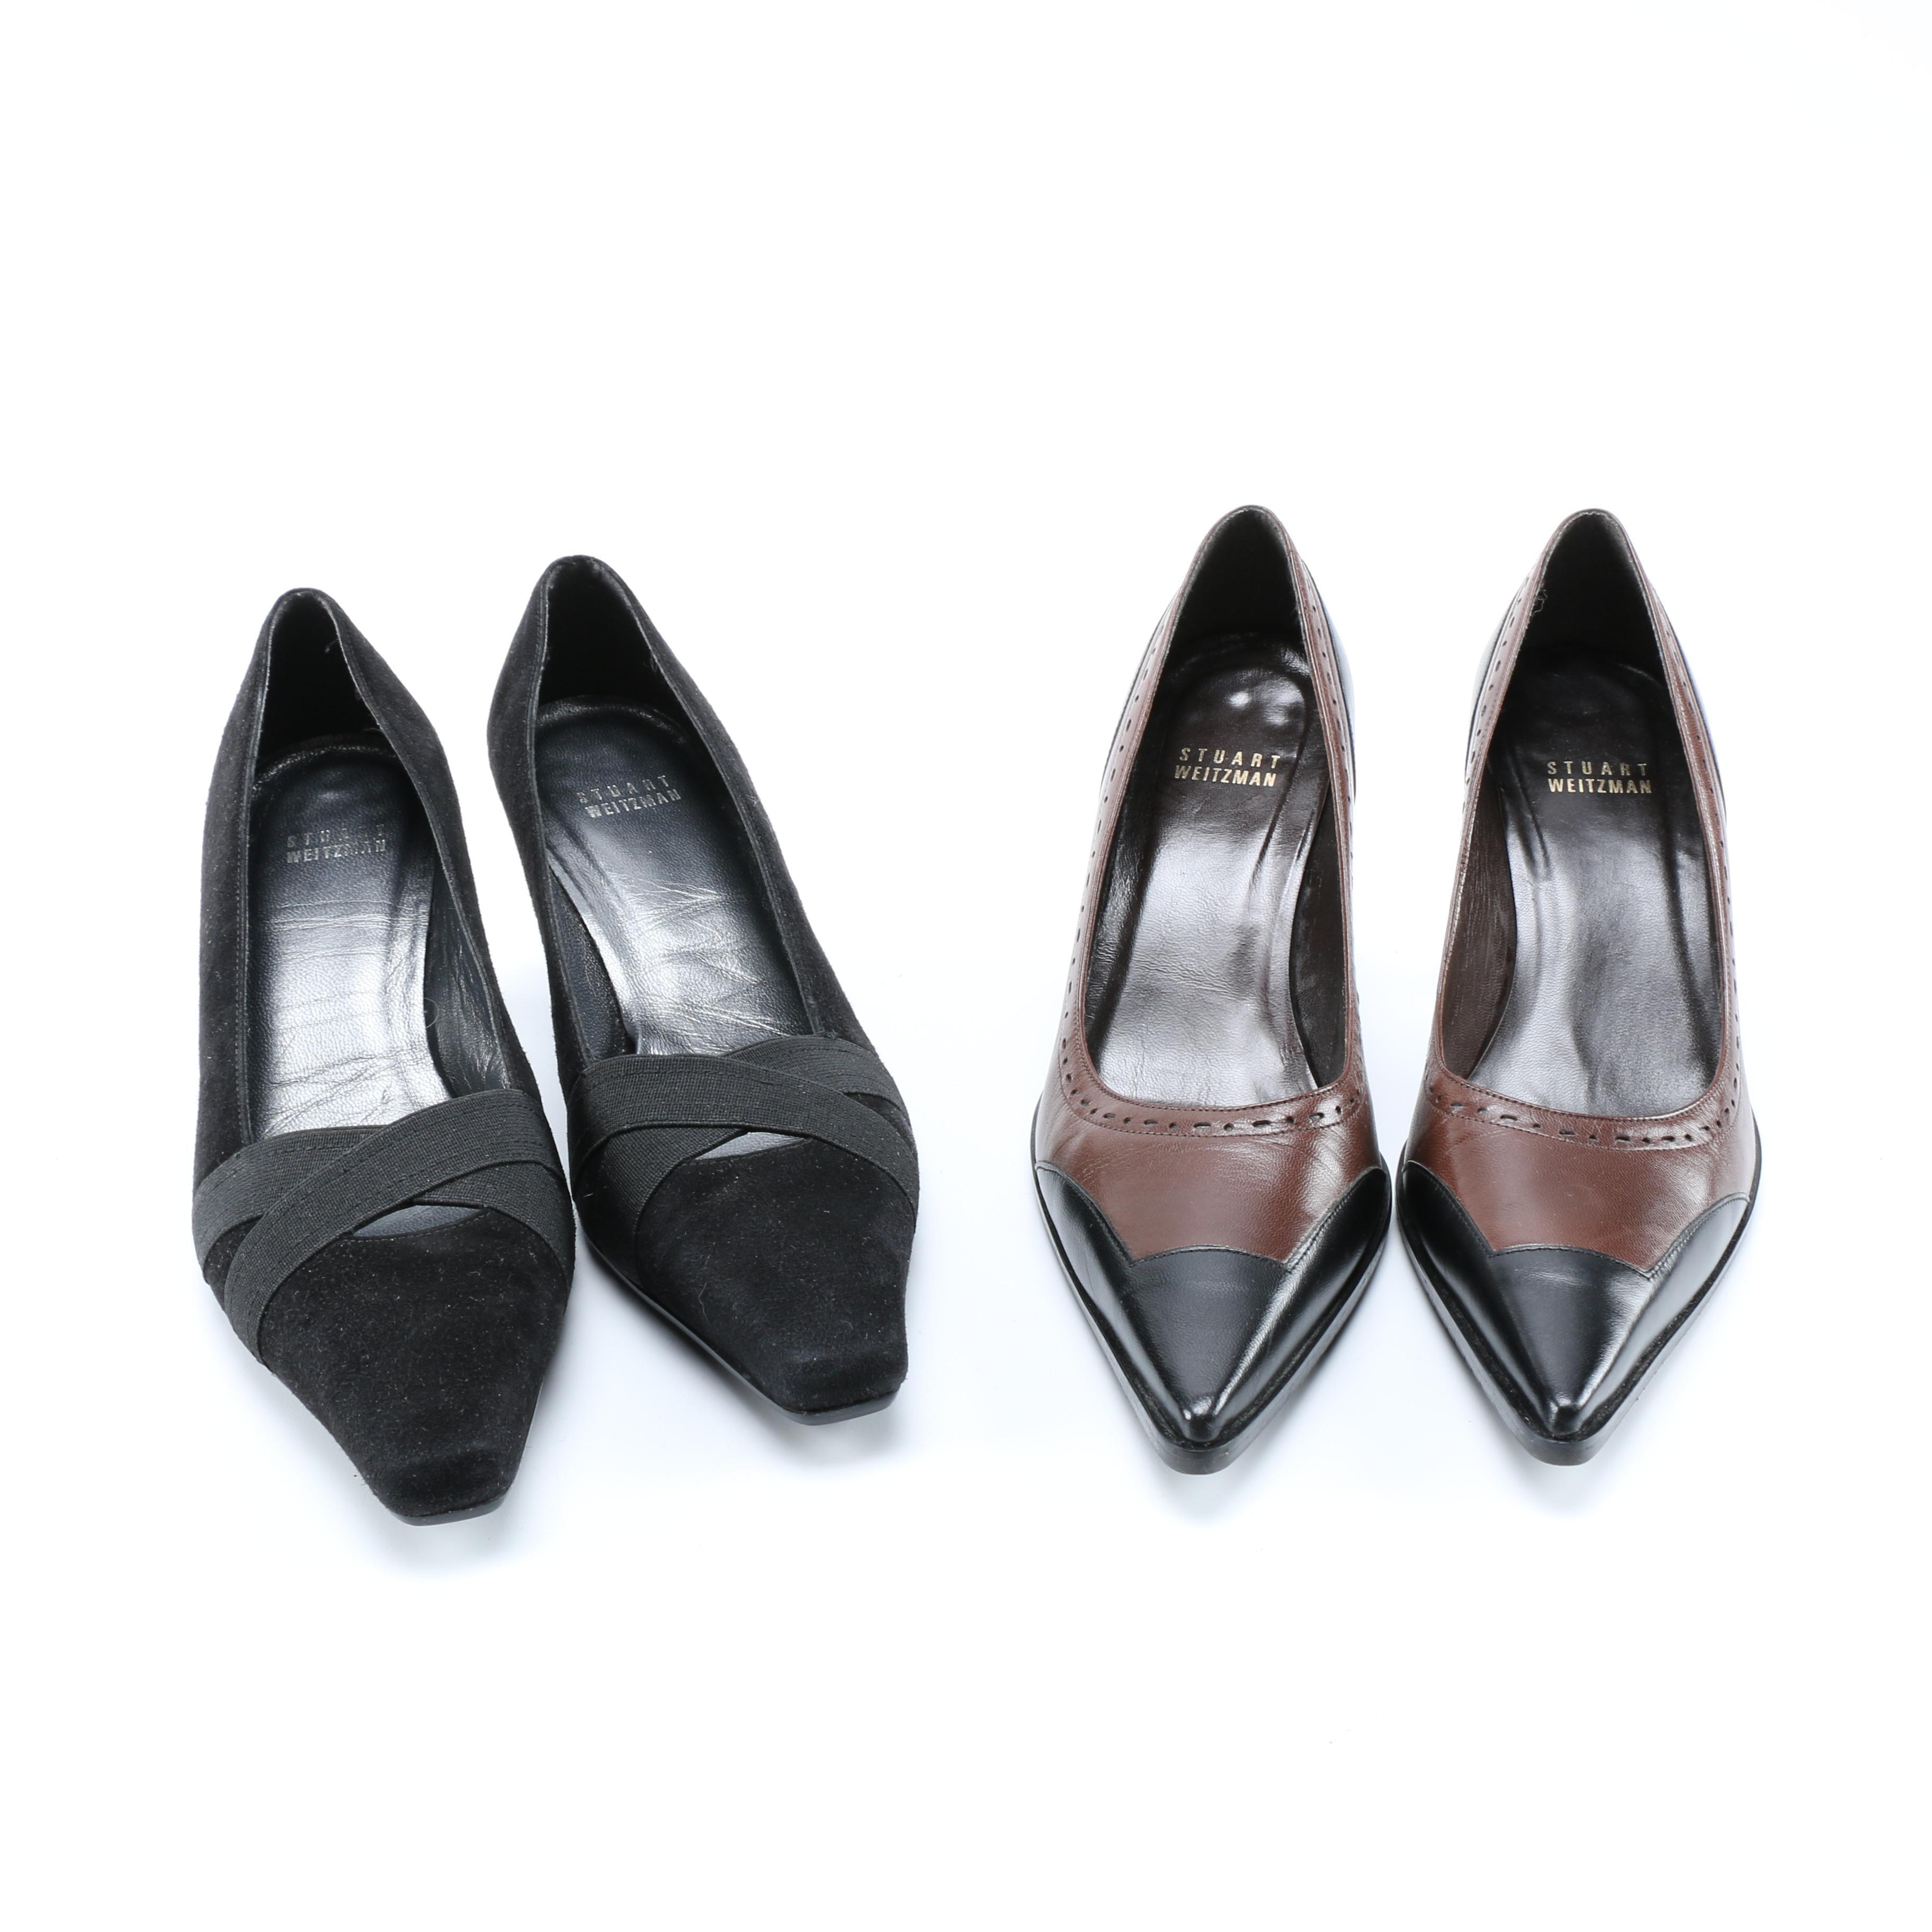 Women's Stuart Weitzman Heels